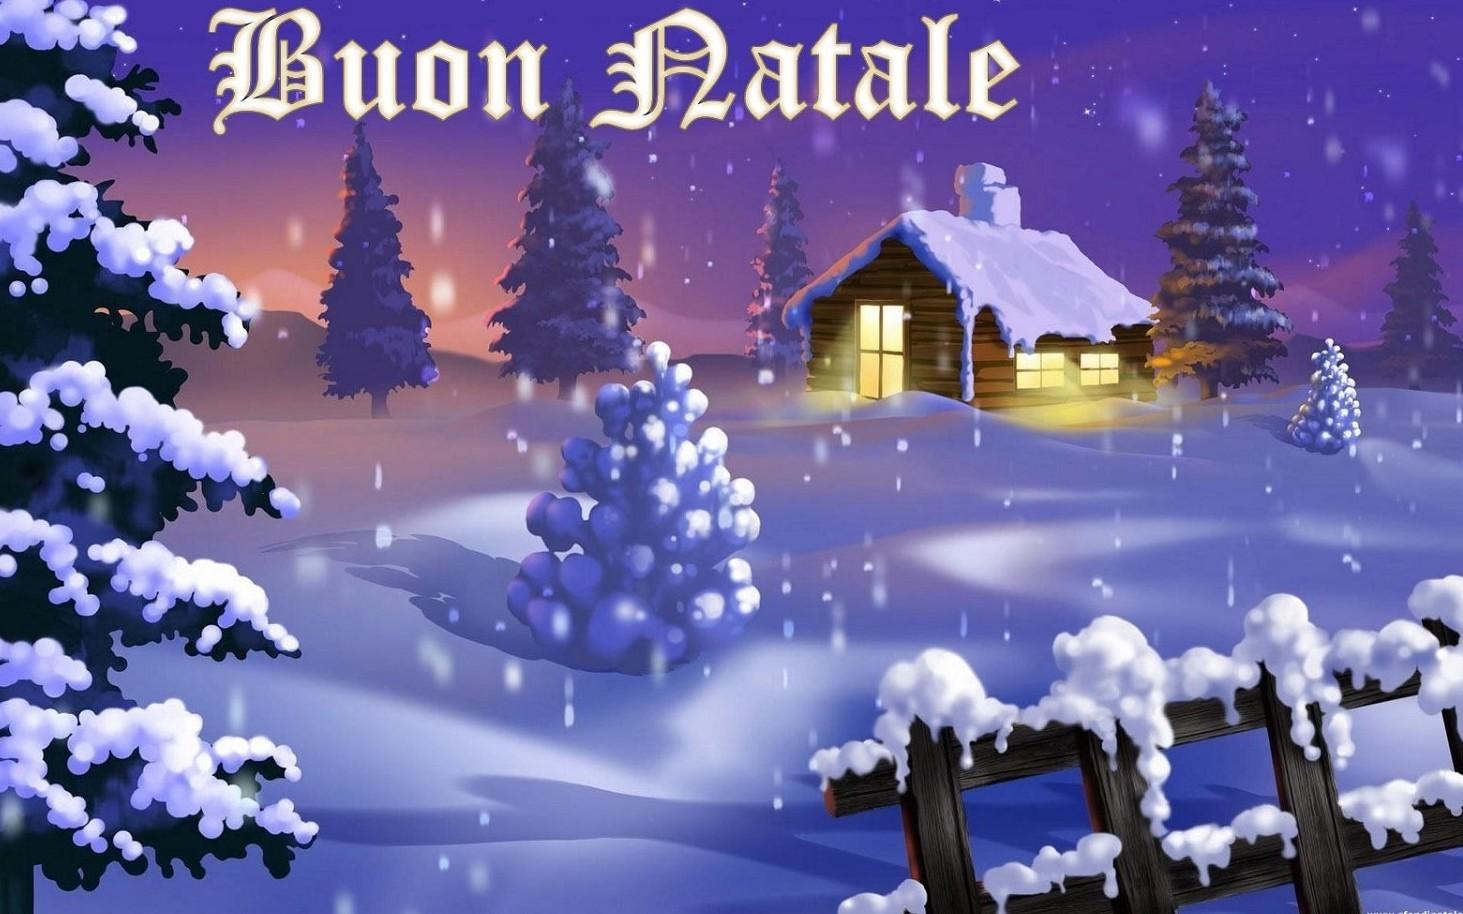 Frasi Auguri Natale, Buone Feste, Capoda